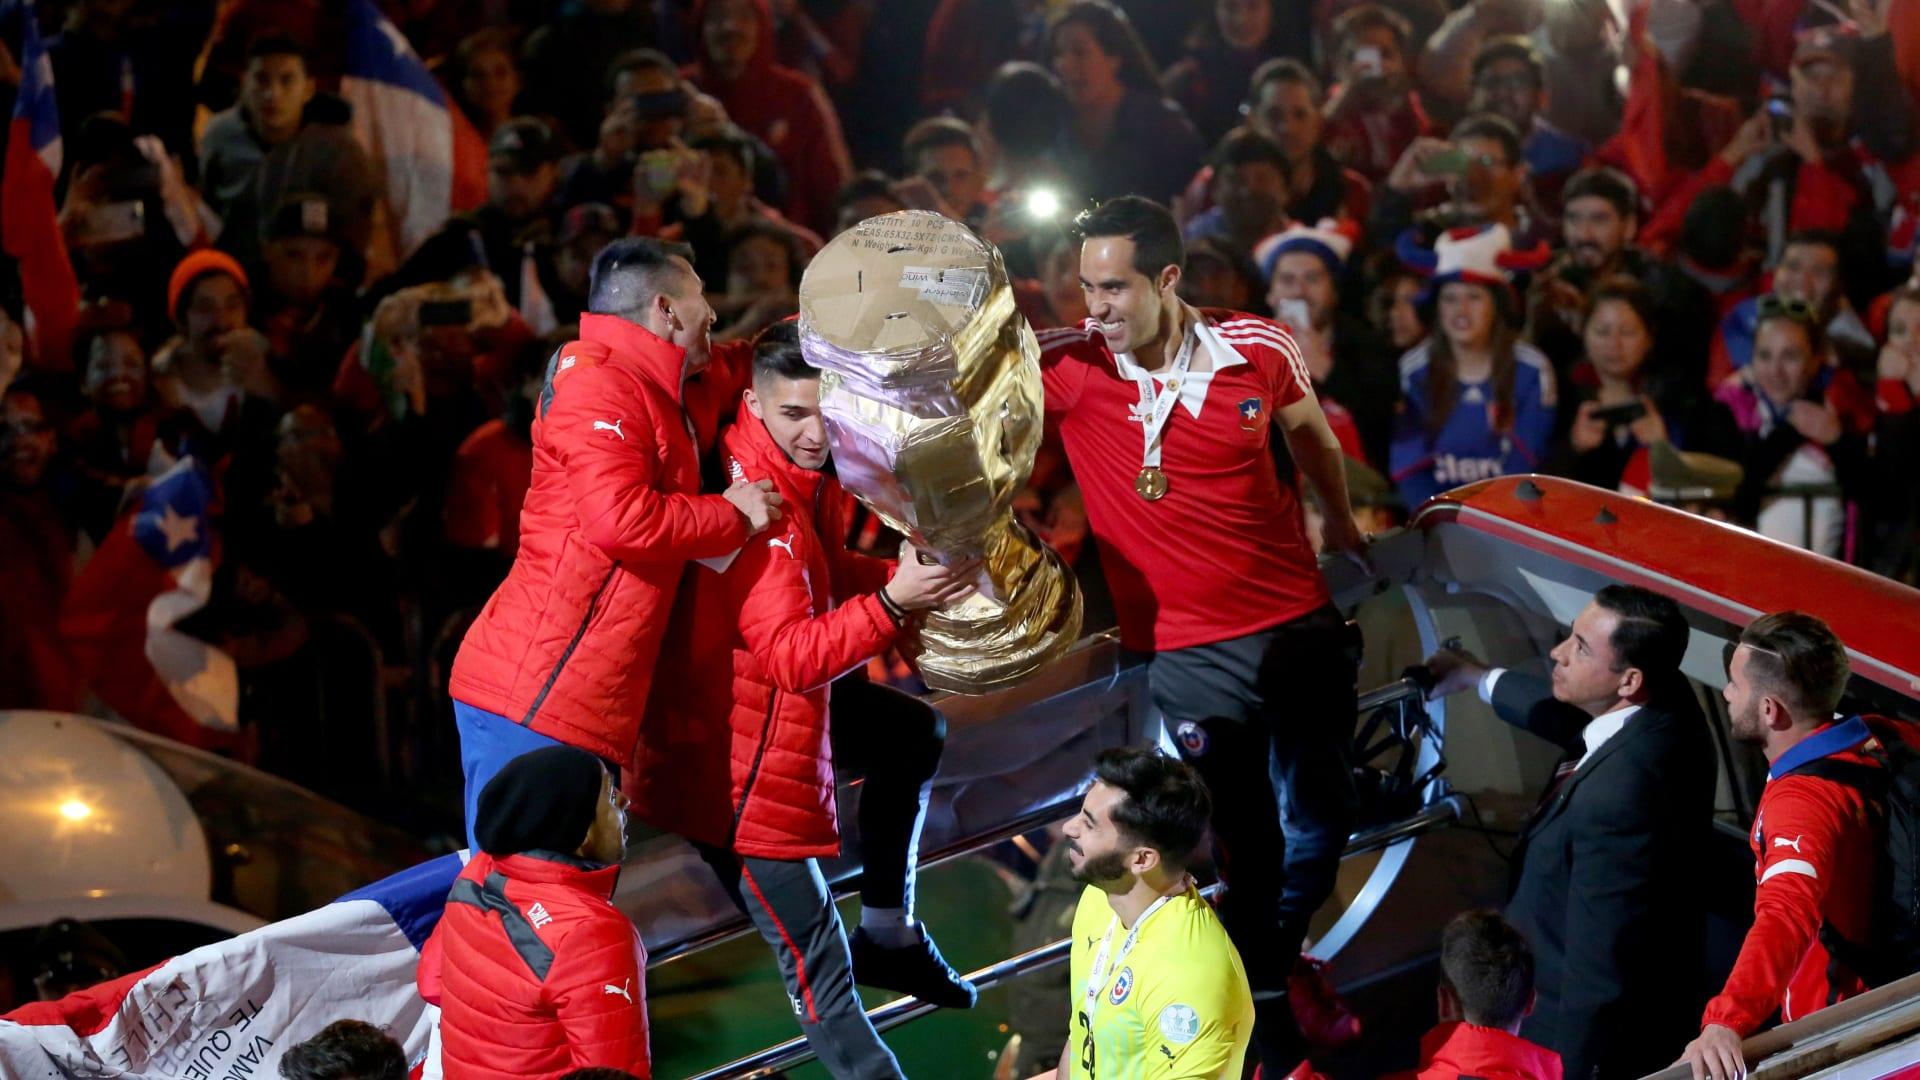 """لاعبو المنتخب التشيلي يحملون الكأس على متن حافلتهم بعد فوزهم بلقب بطولة """"كوبا أمريكا."""""""